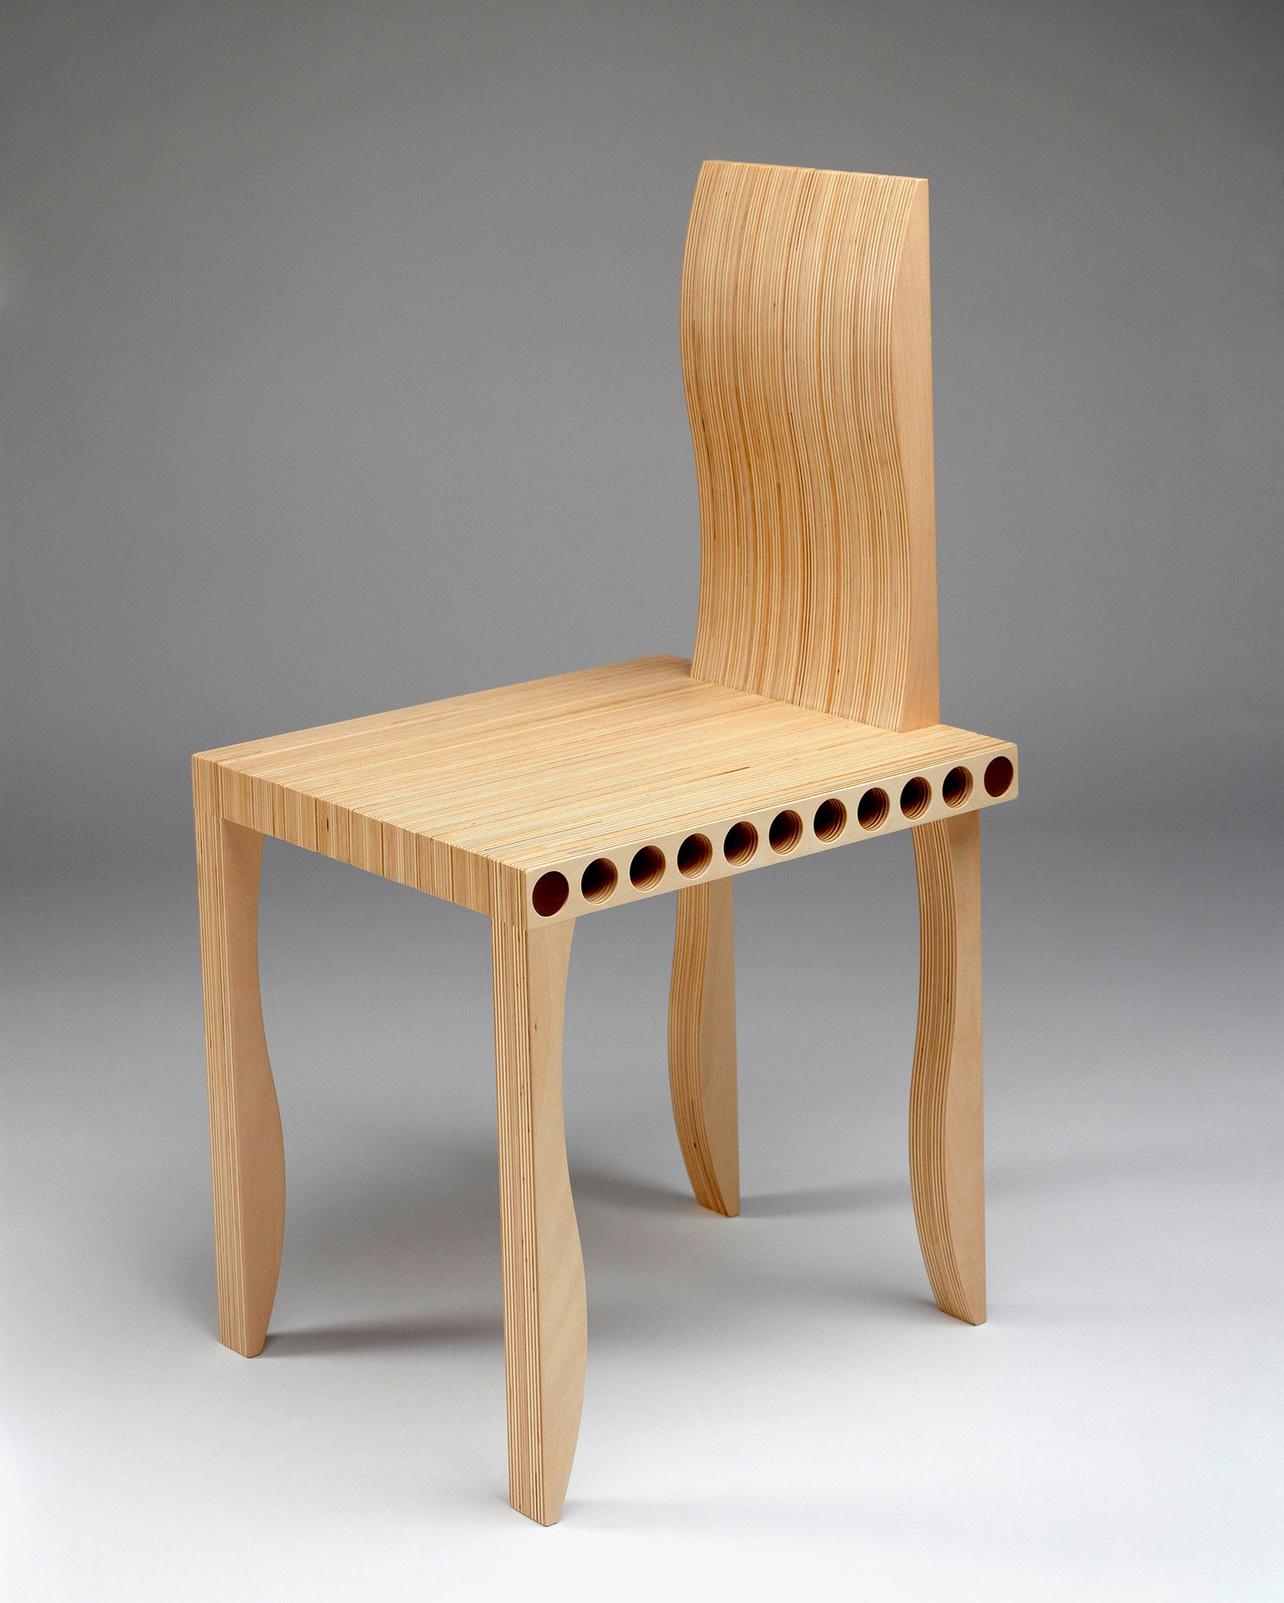 Shigeru Ban, chaise L-Unit System, 2002, Cappellini, Le mobilier d'architectes, 1960-2020, © Cité de l'architecture, Denys Vinson photographe 2019